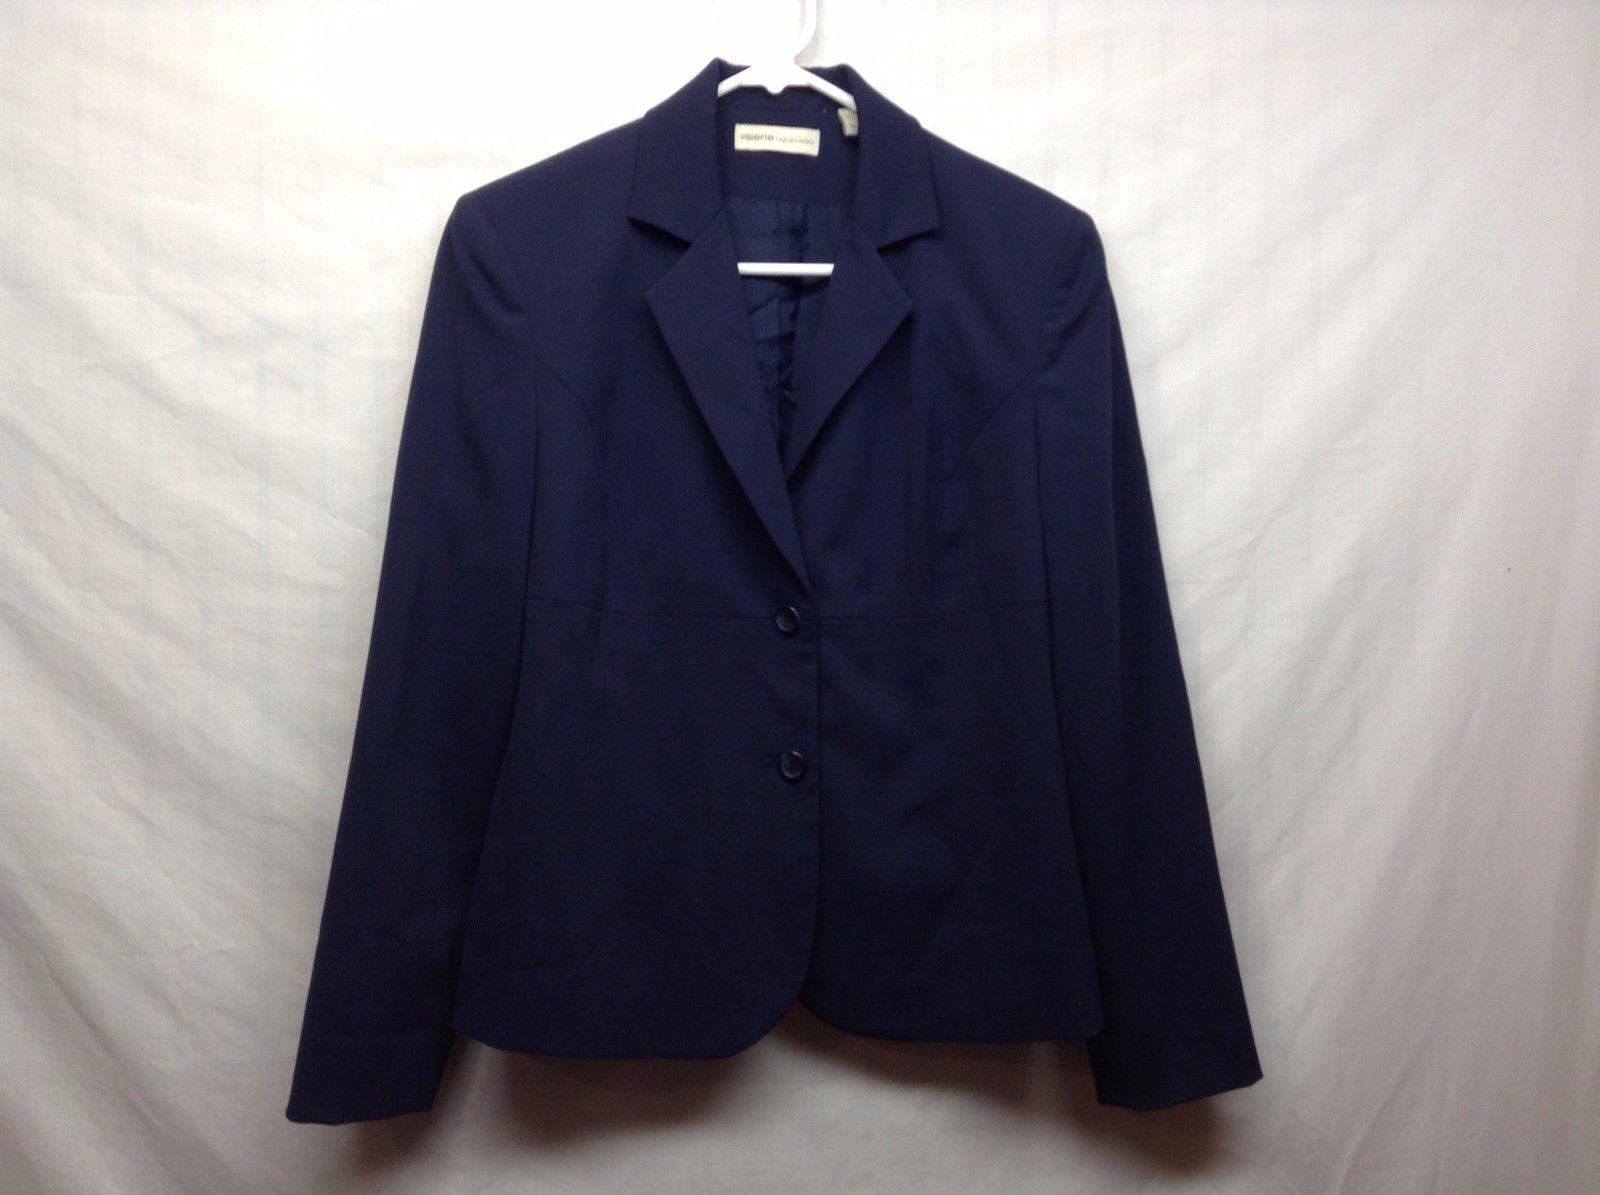 Valerie Separates Navy Blue Collared Blazer Sz 4